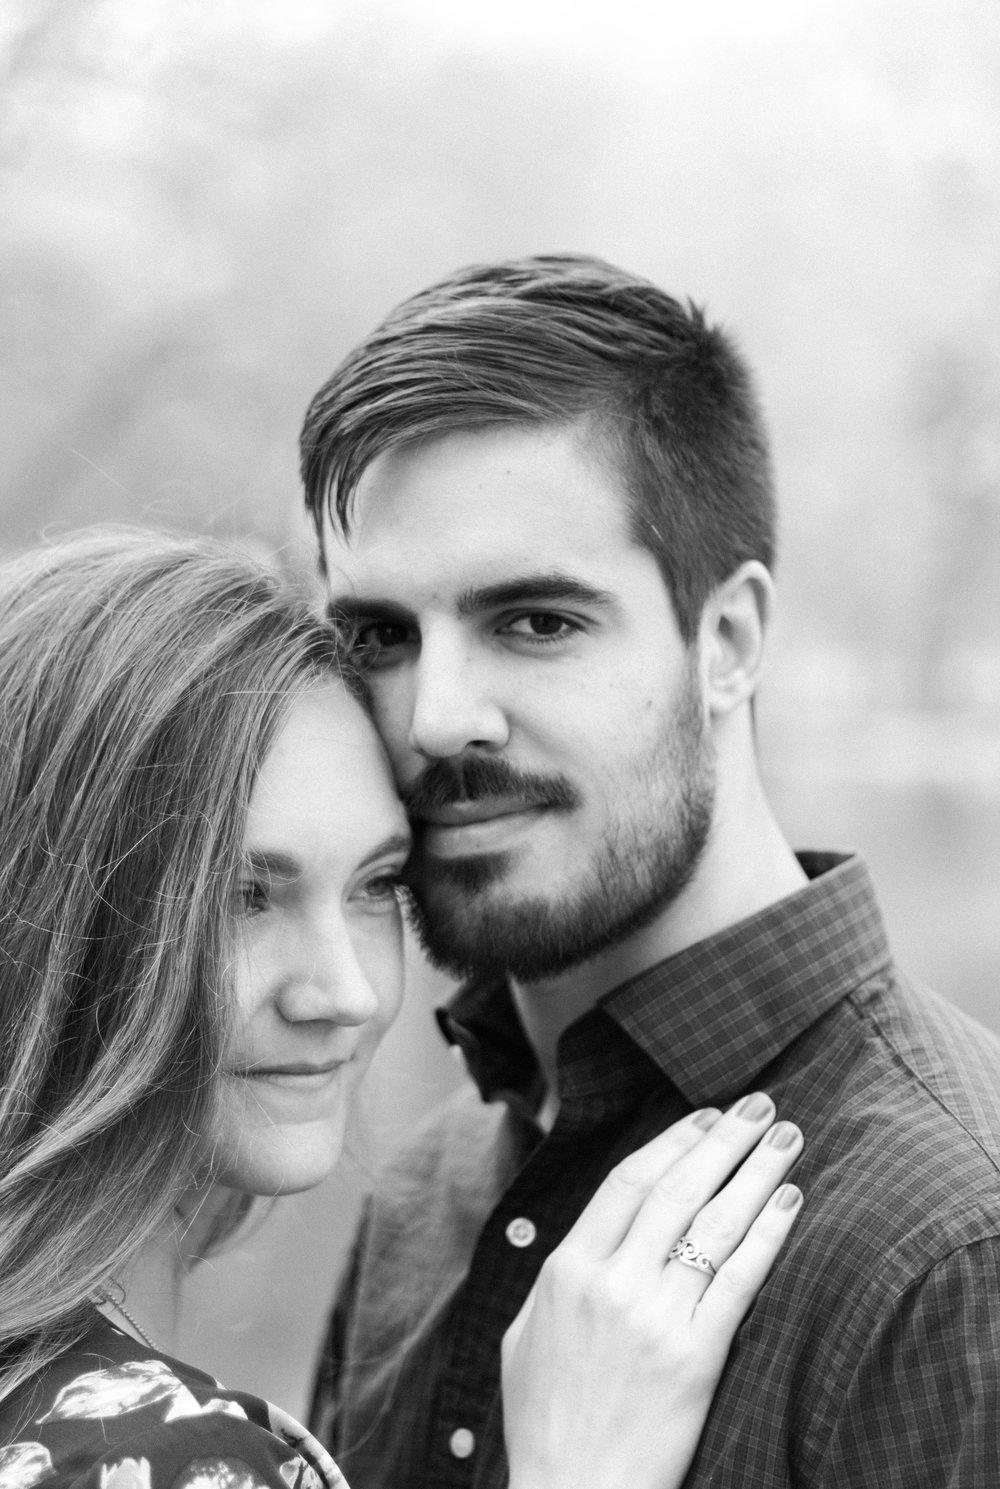 colorado springs colorado denver estes park rocky mountain elopement engagement wedding photography photographer